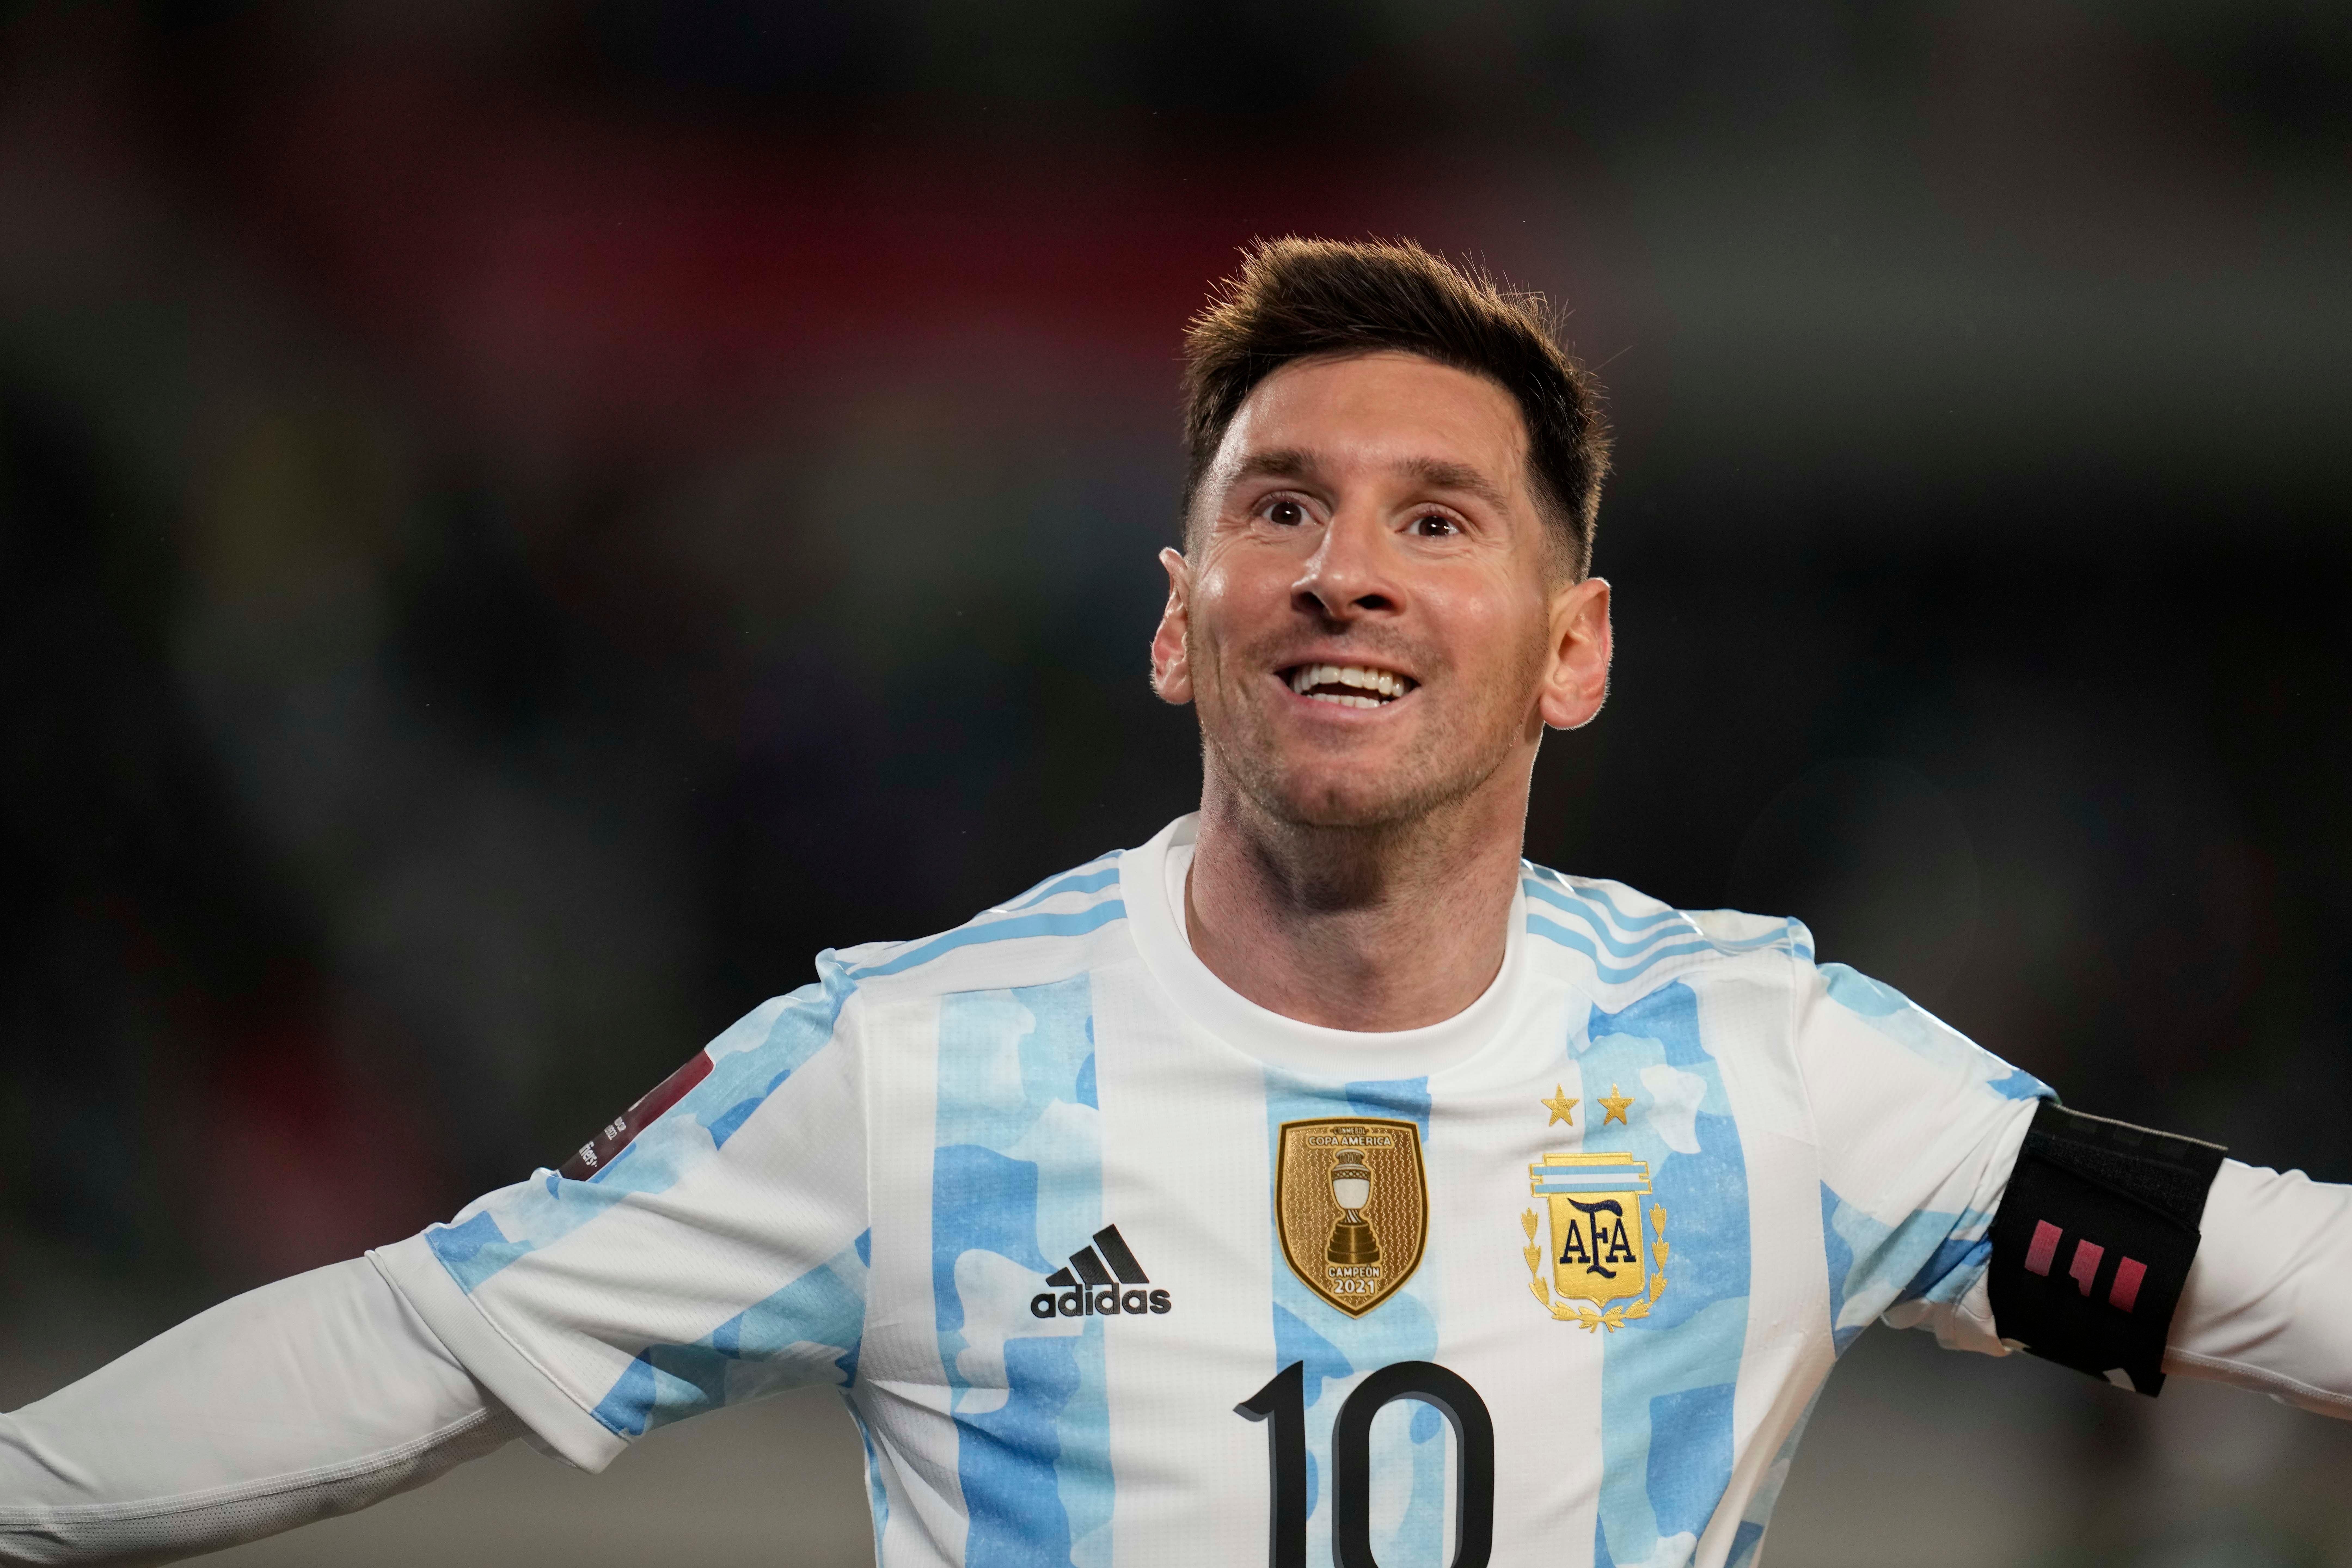 103399_argentina_bolivia_wcup_soccer_33187-70408ea59610443fb772969a7292c17c.jpg